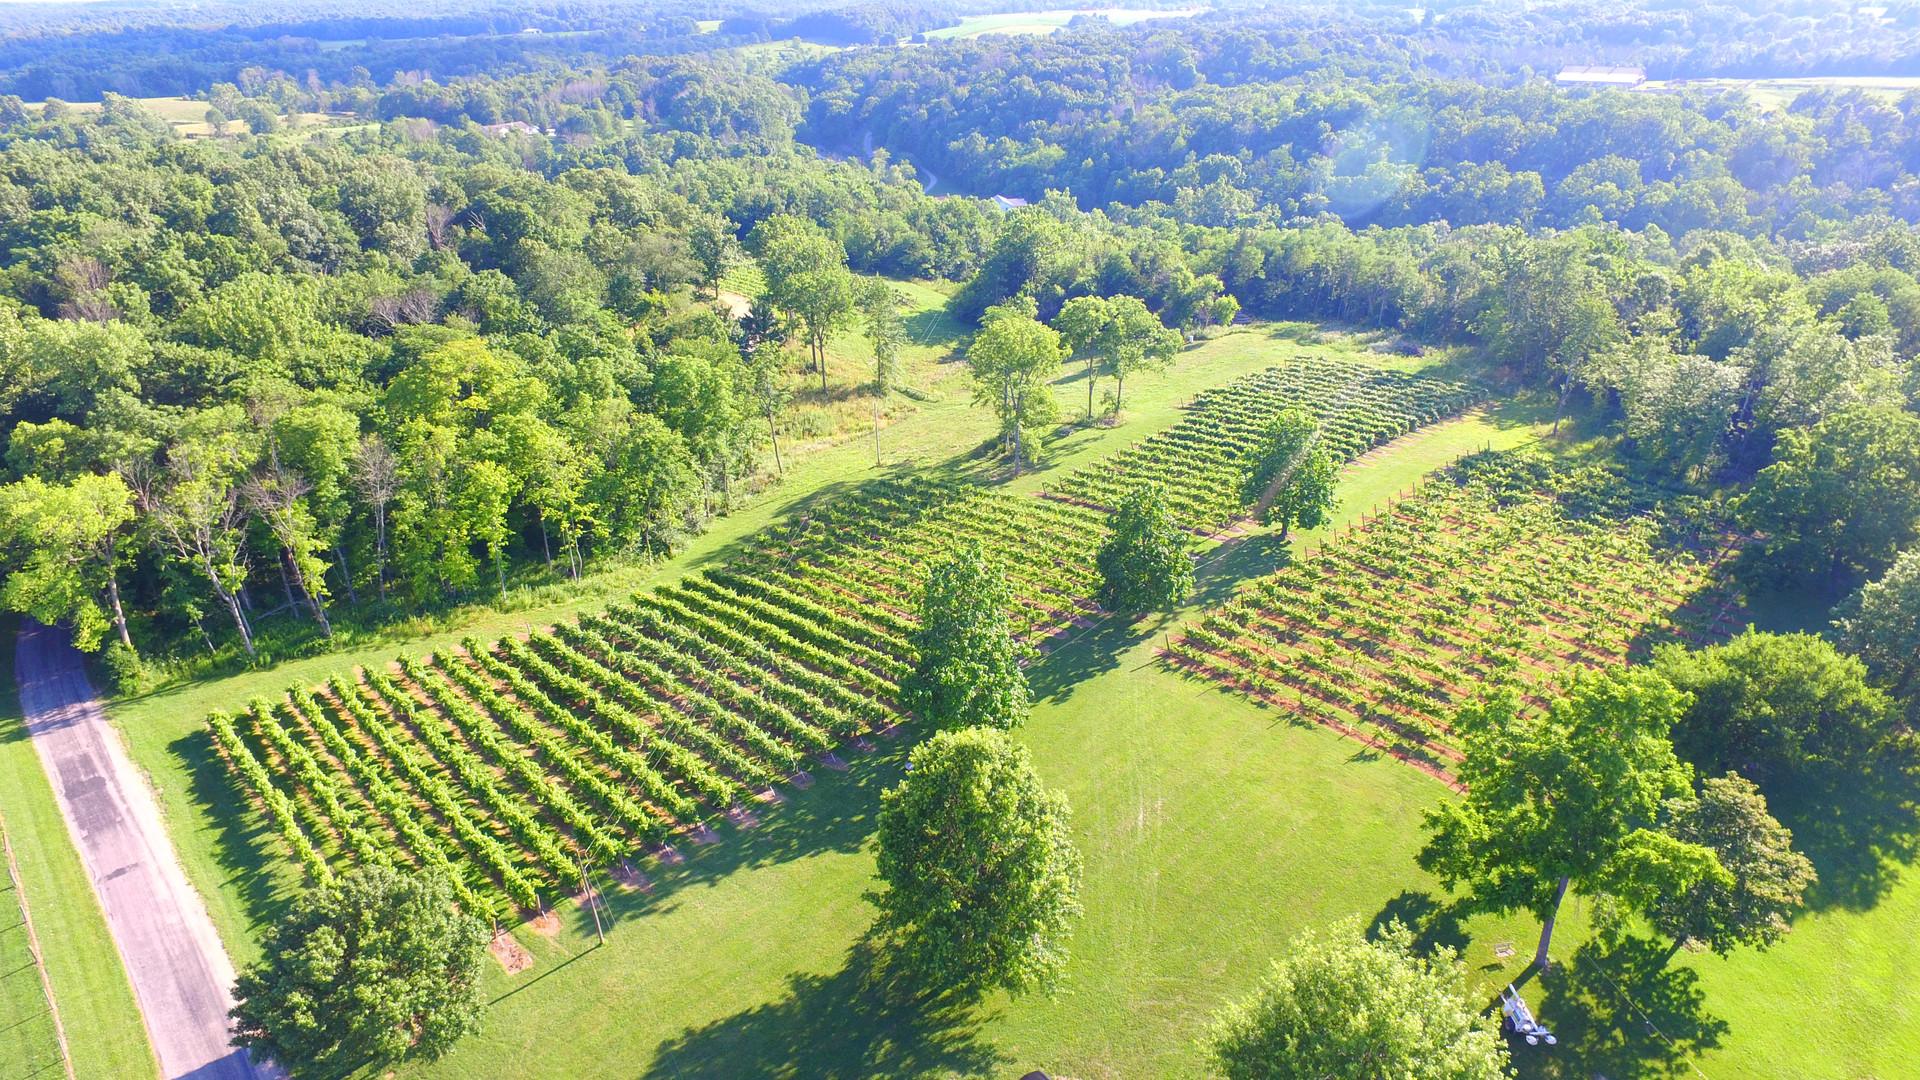 Aerial photo of vineyard.JPG